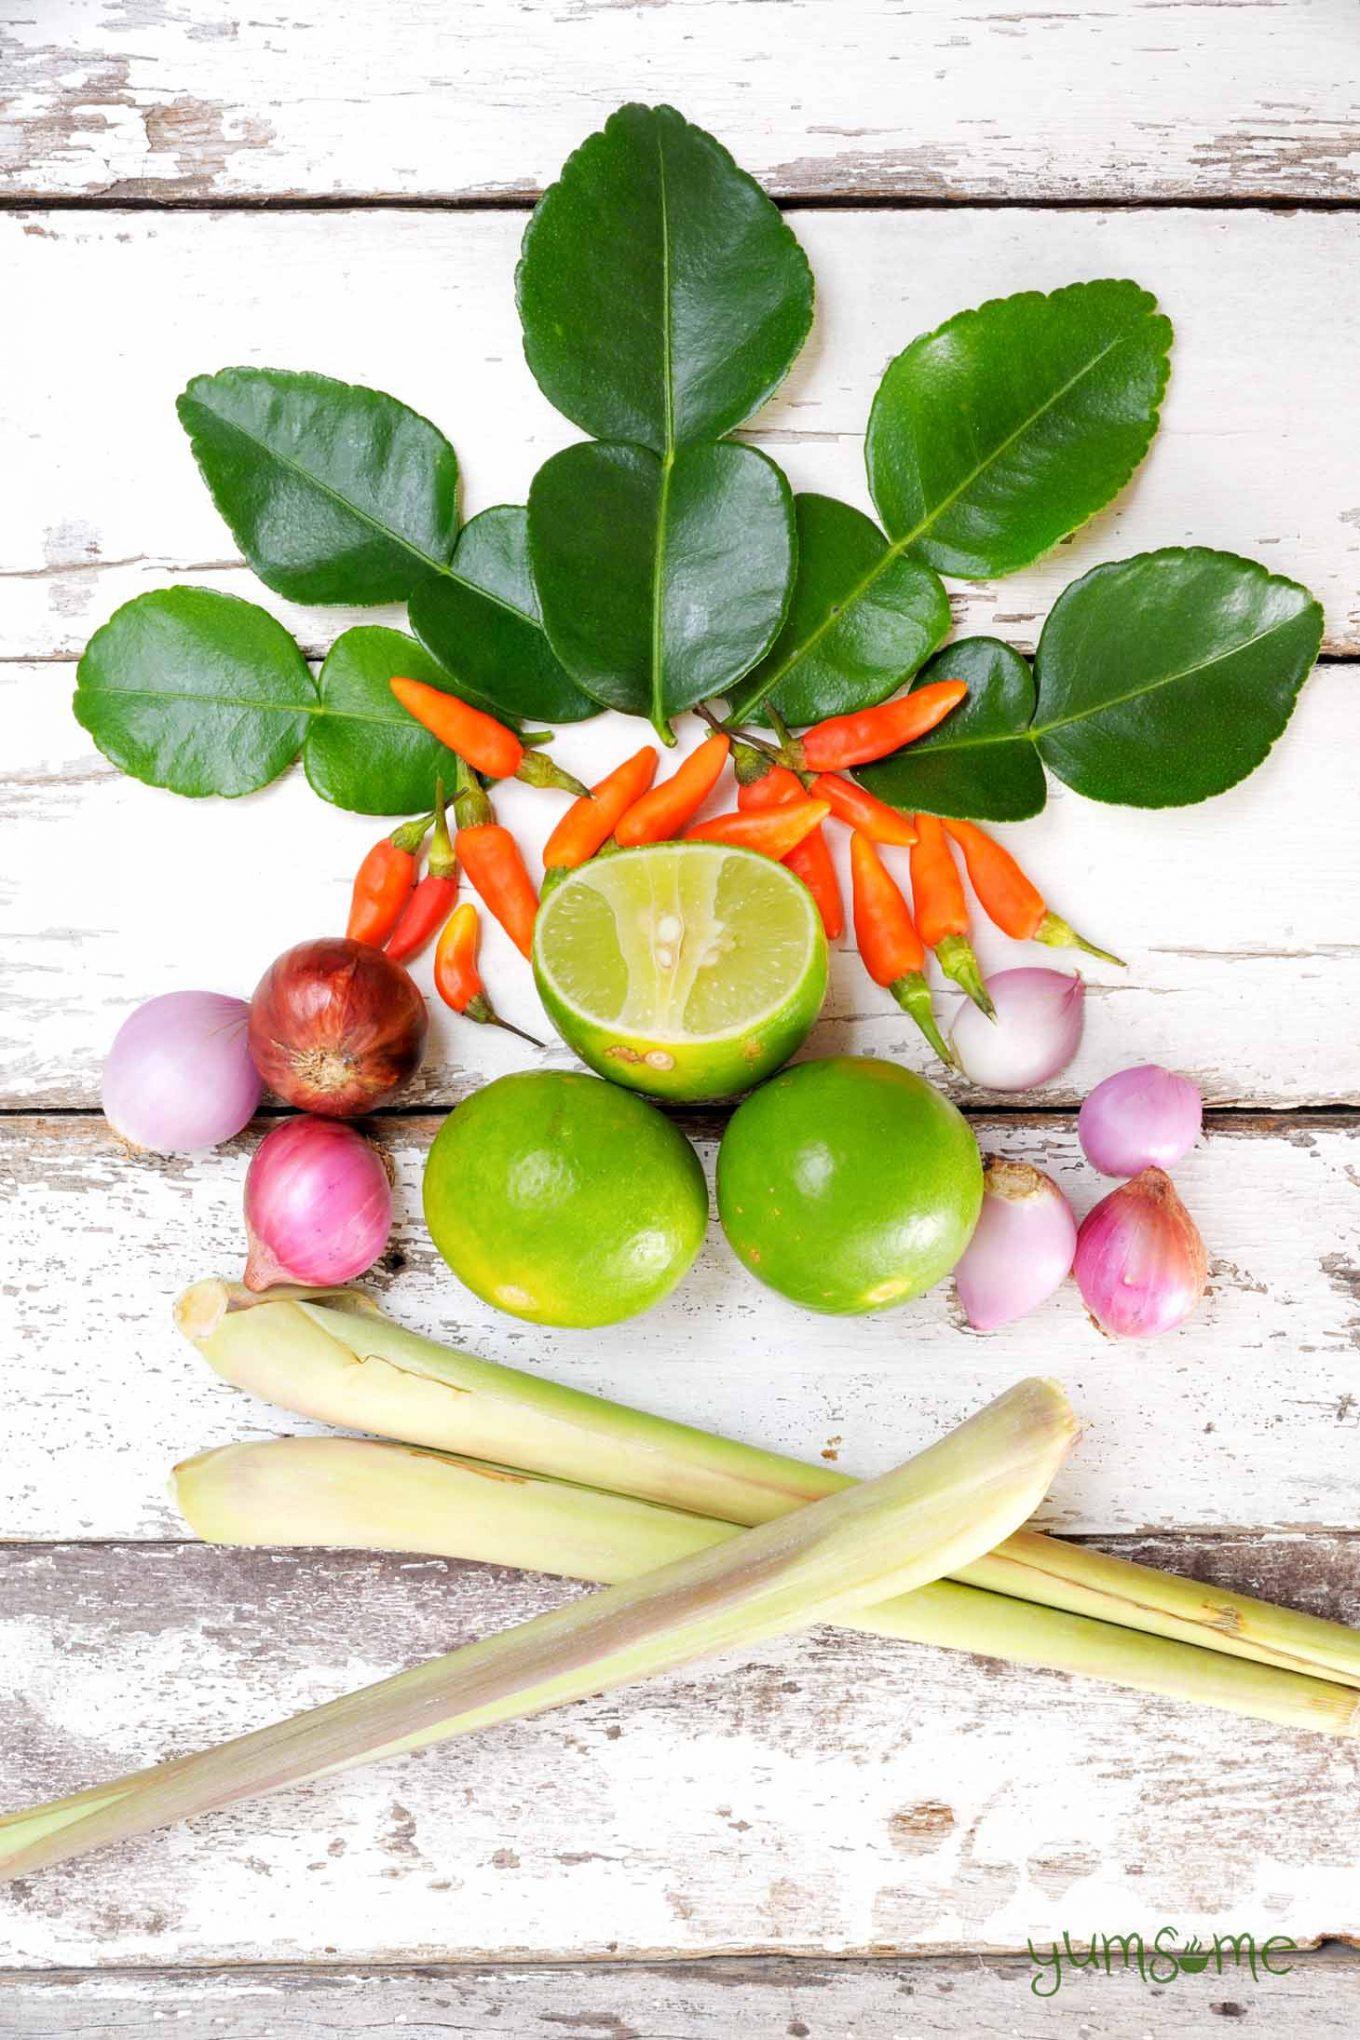 Tom yam herbs | yumsome.com